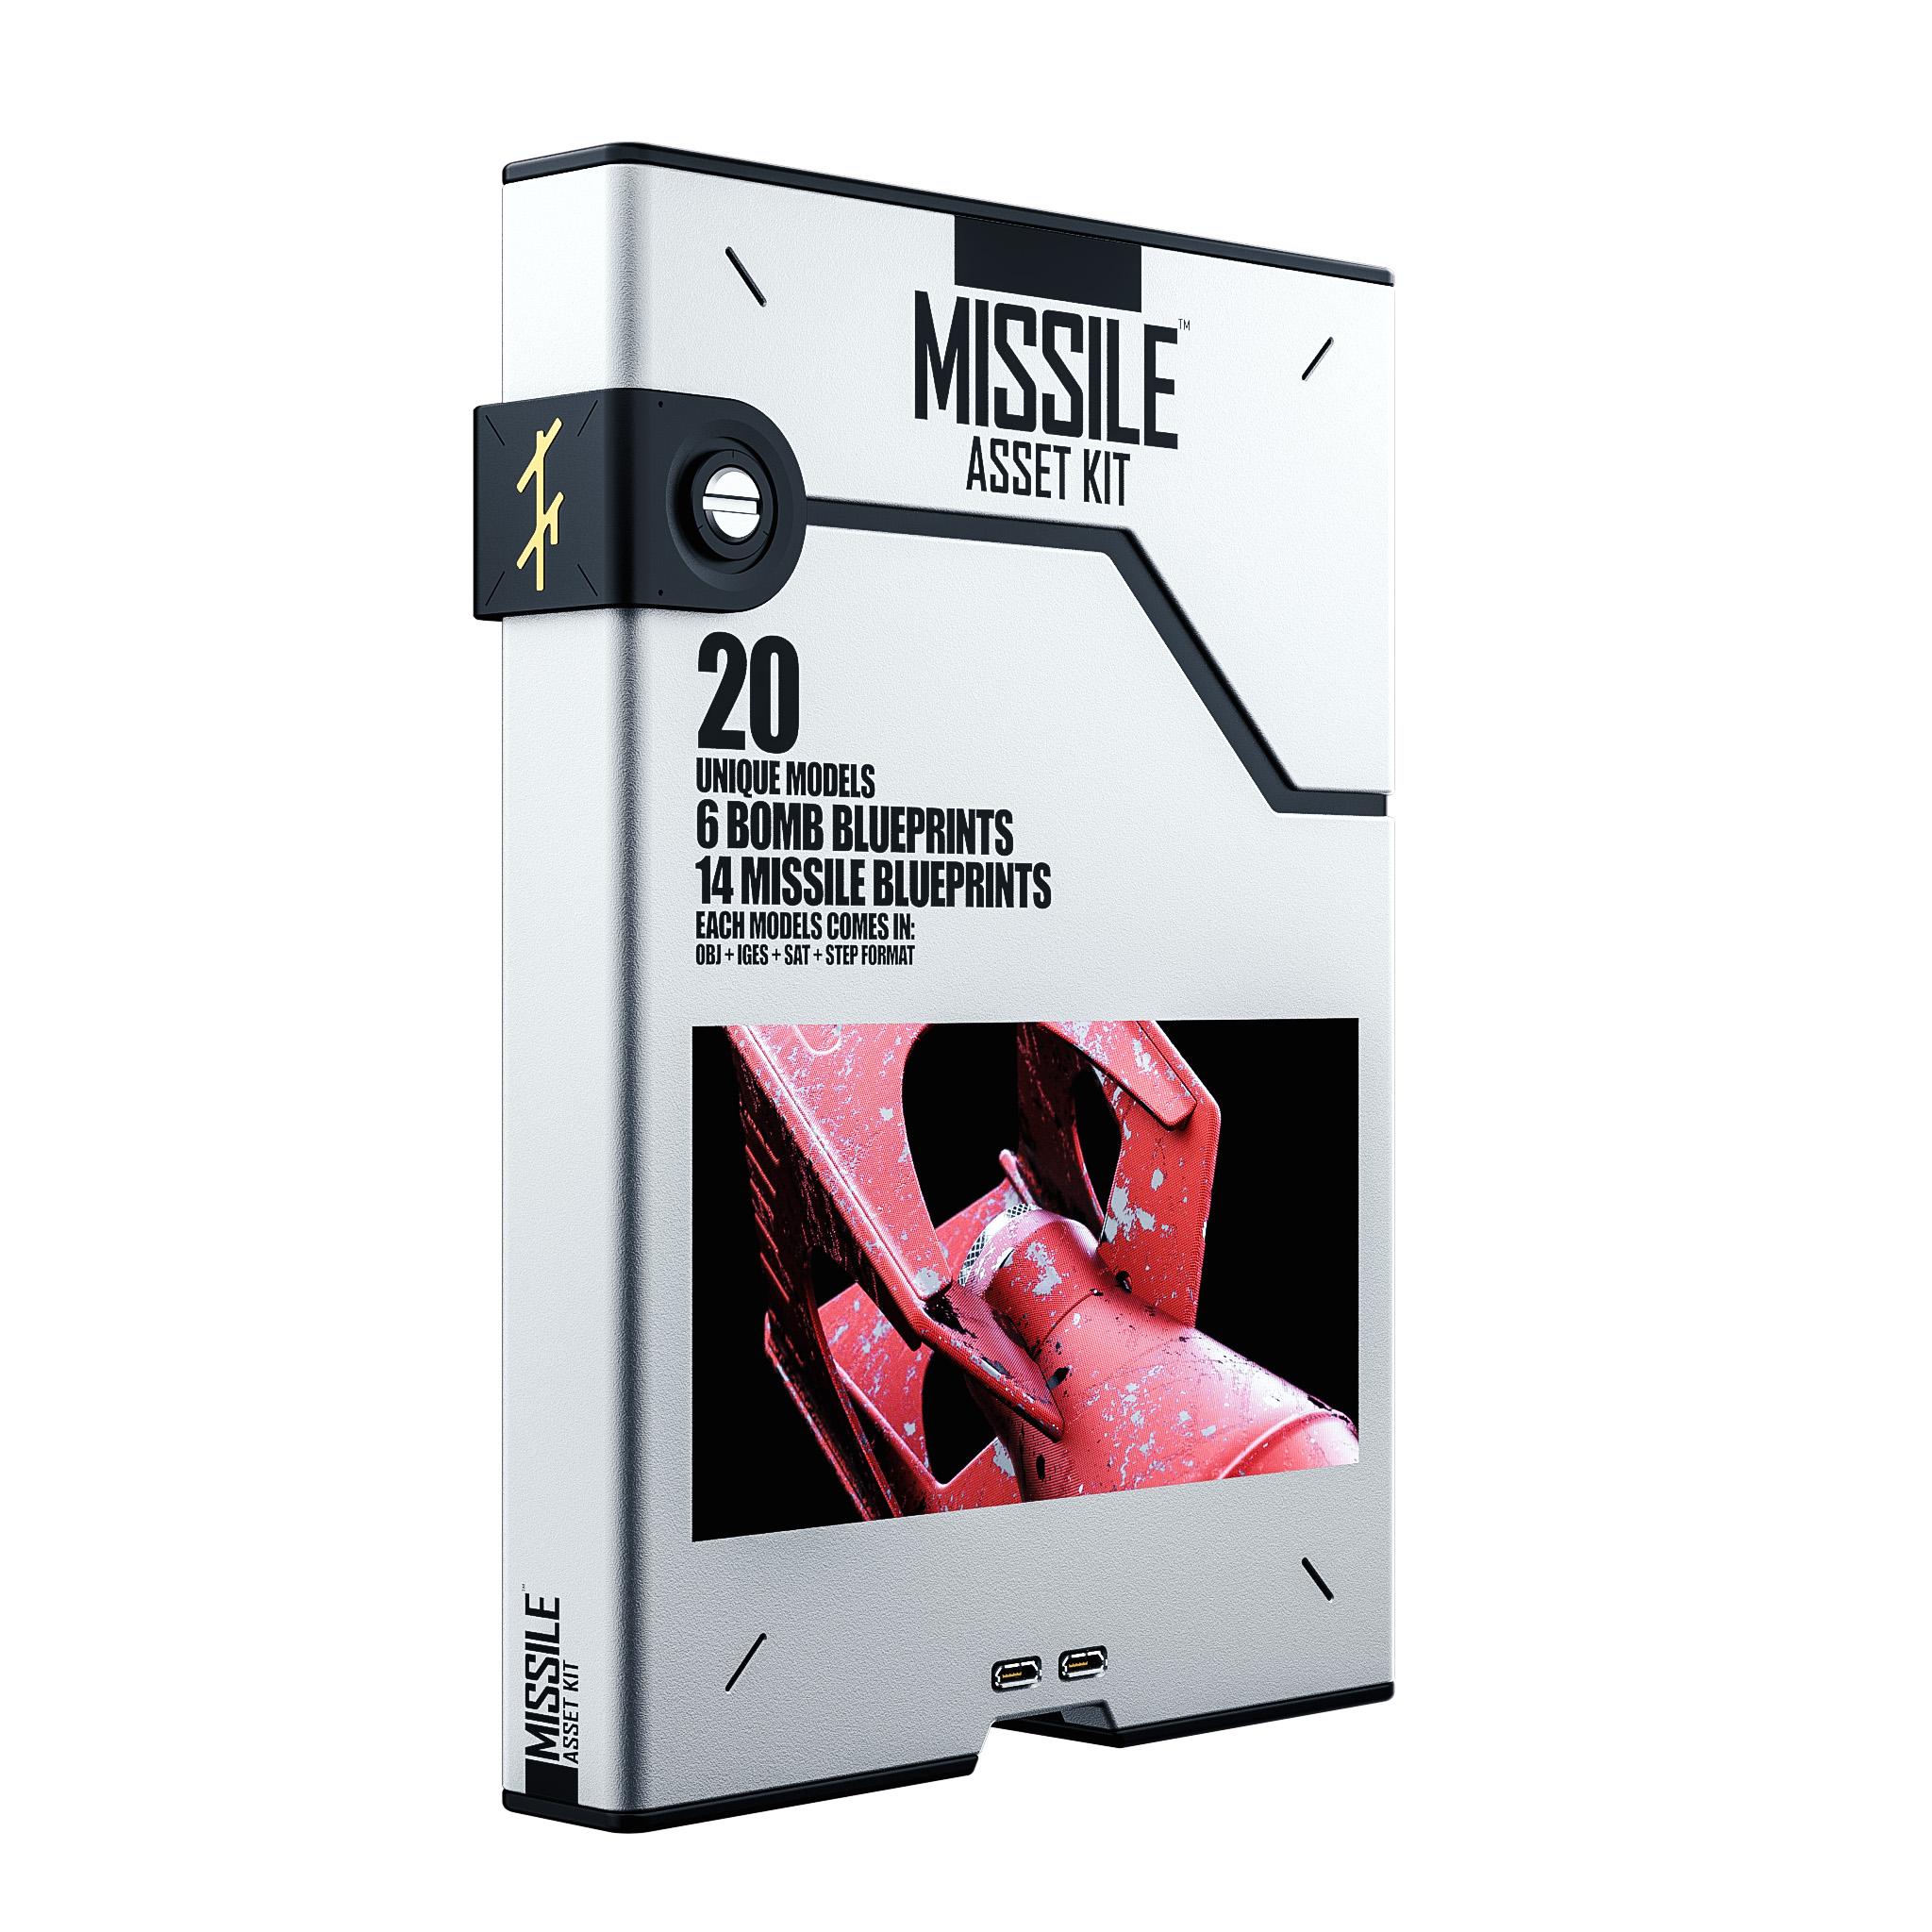 missile asset pack cover jpg.jpg